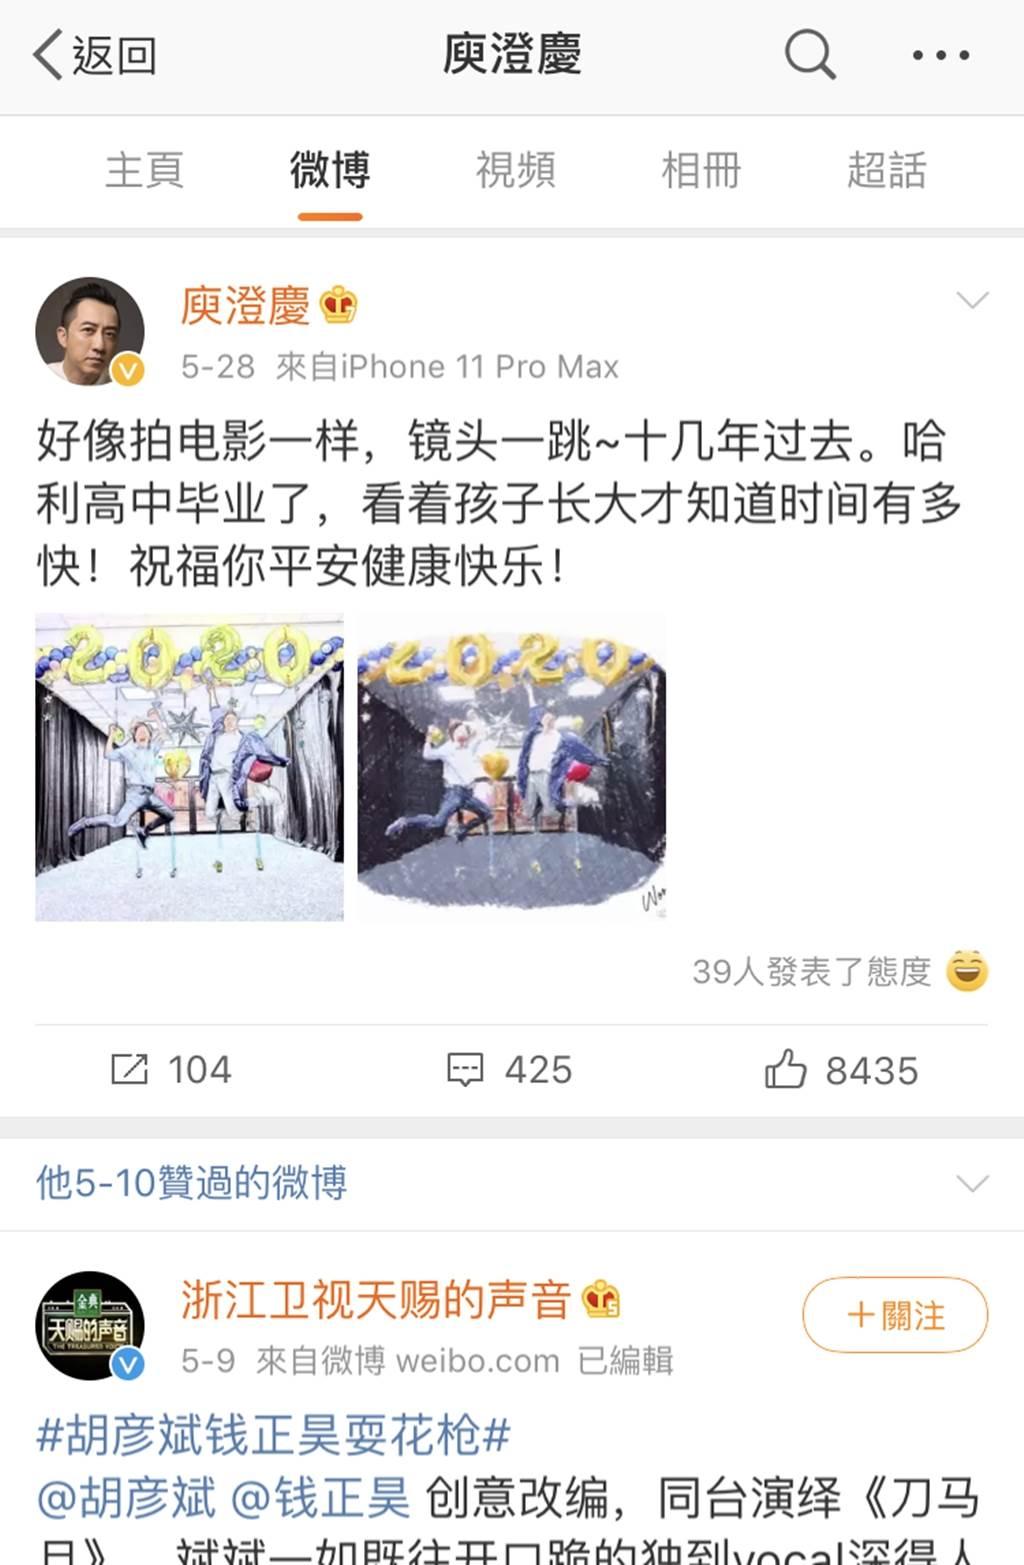 網友發現庾澄慶收回按讚誇前妻微博,最新一則按讚停在5月10日。(圖/翻攝自庾澄慶微博)